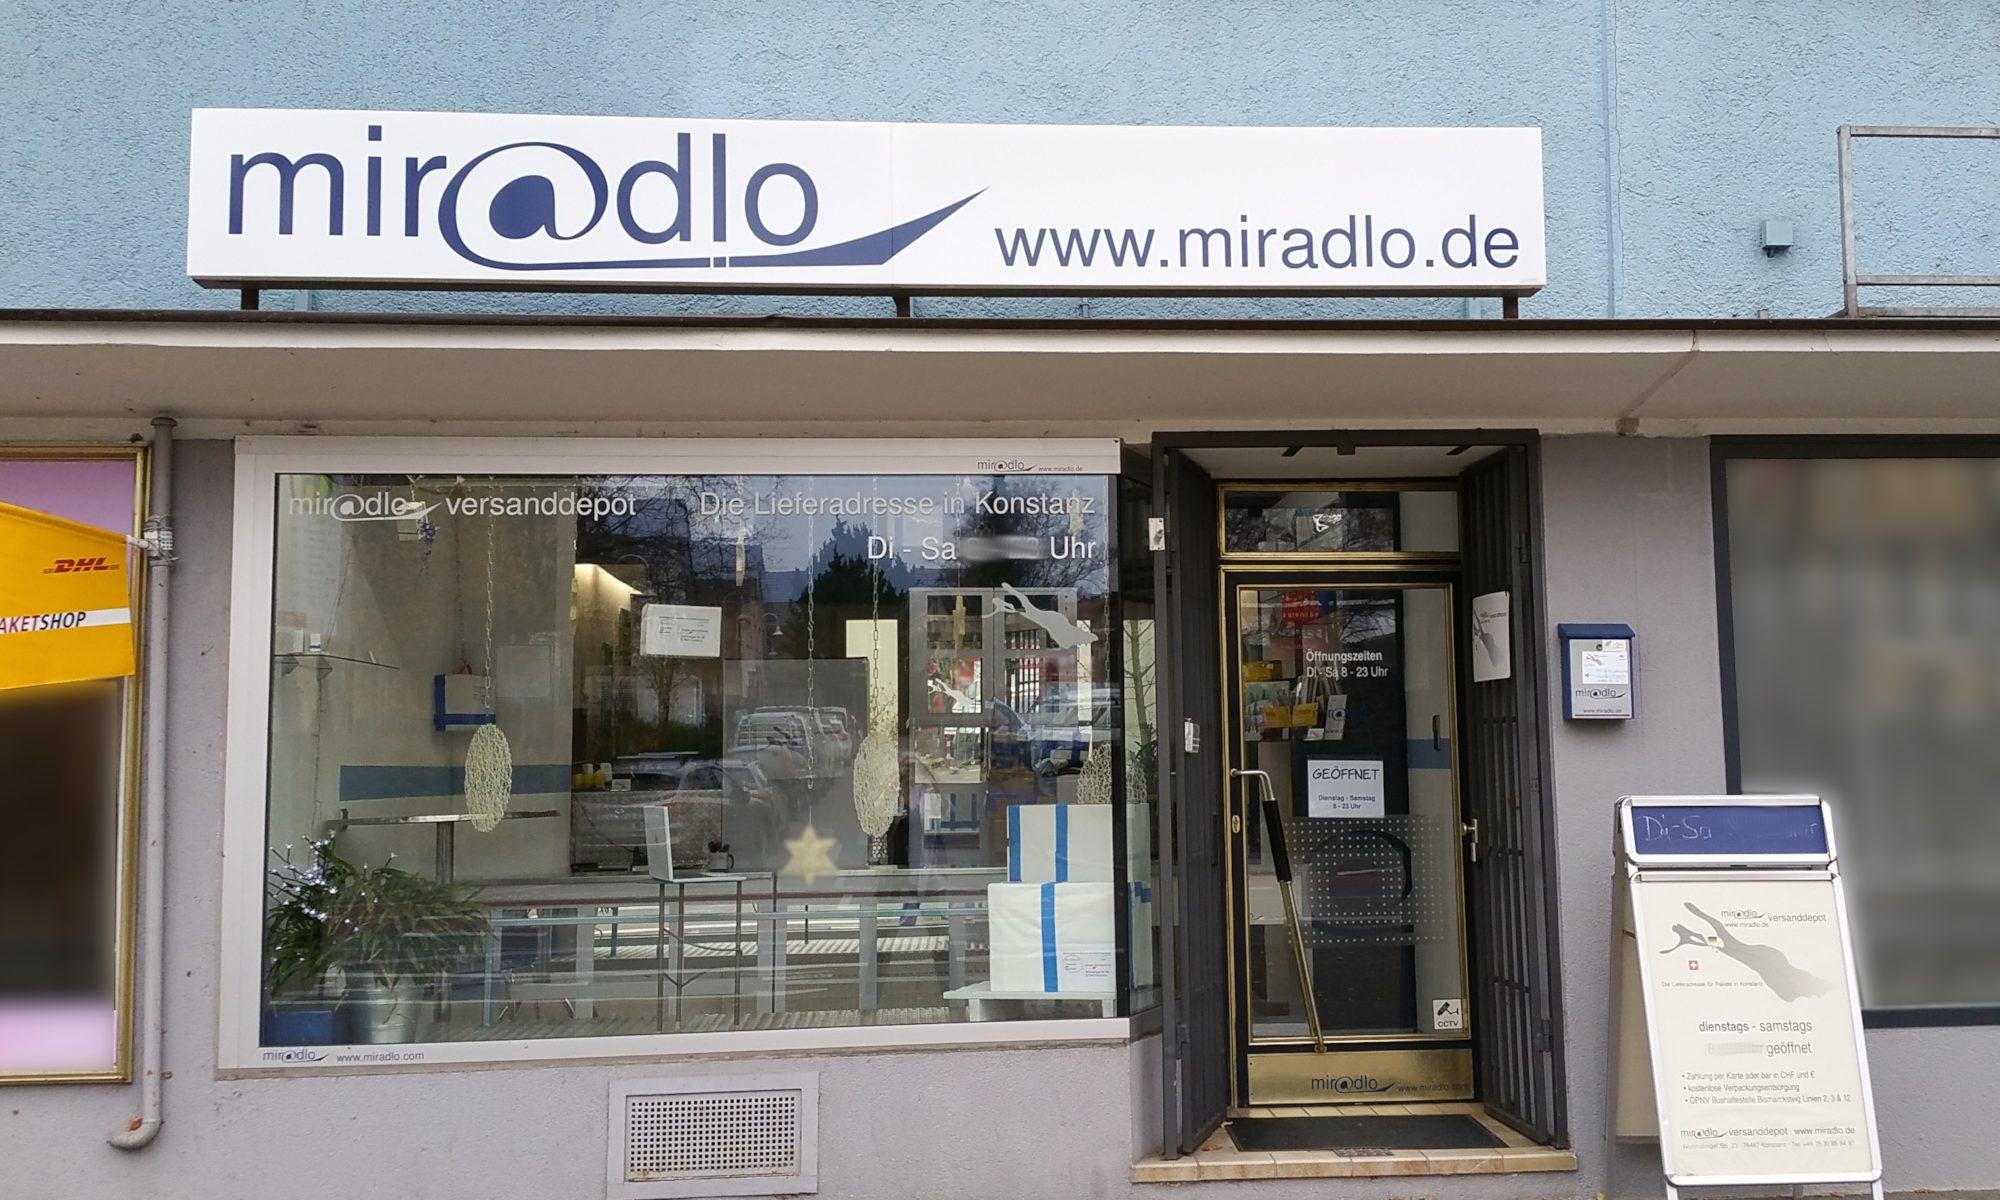 miradlo-Versanddepot, die Lieferadresse mit DHL-Paketshop in Konstanz